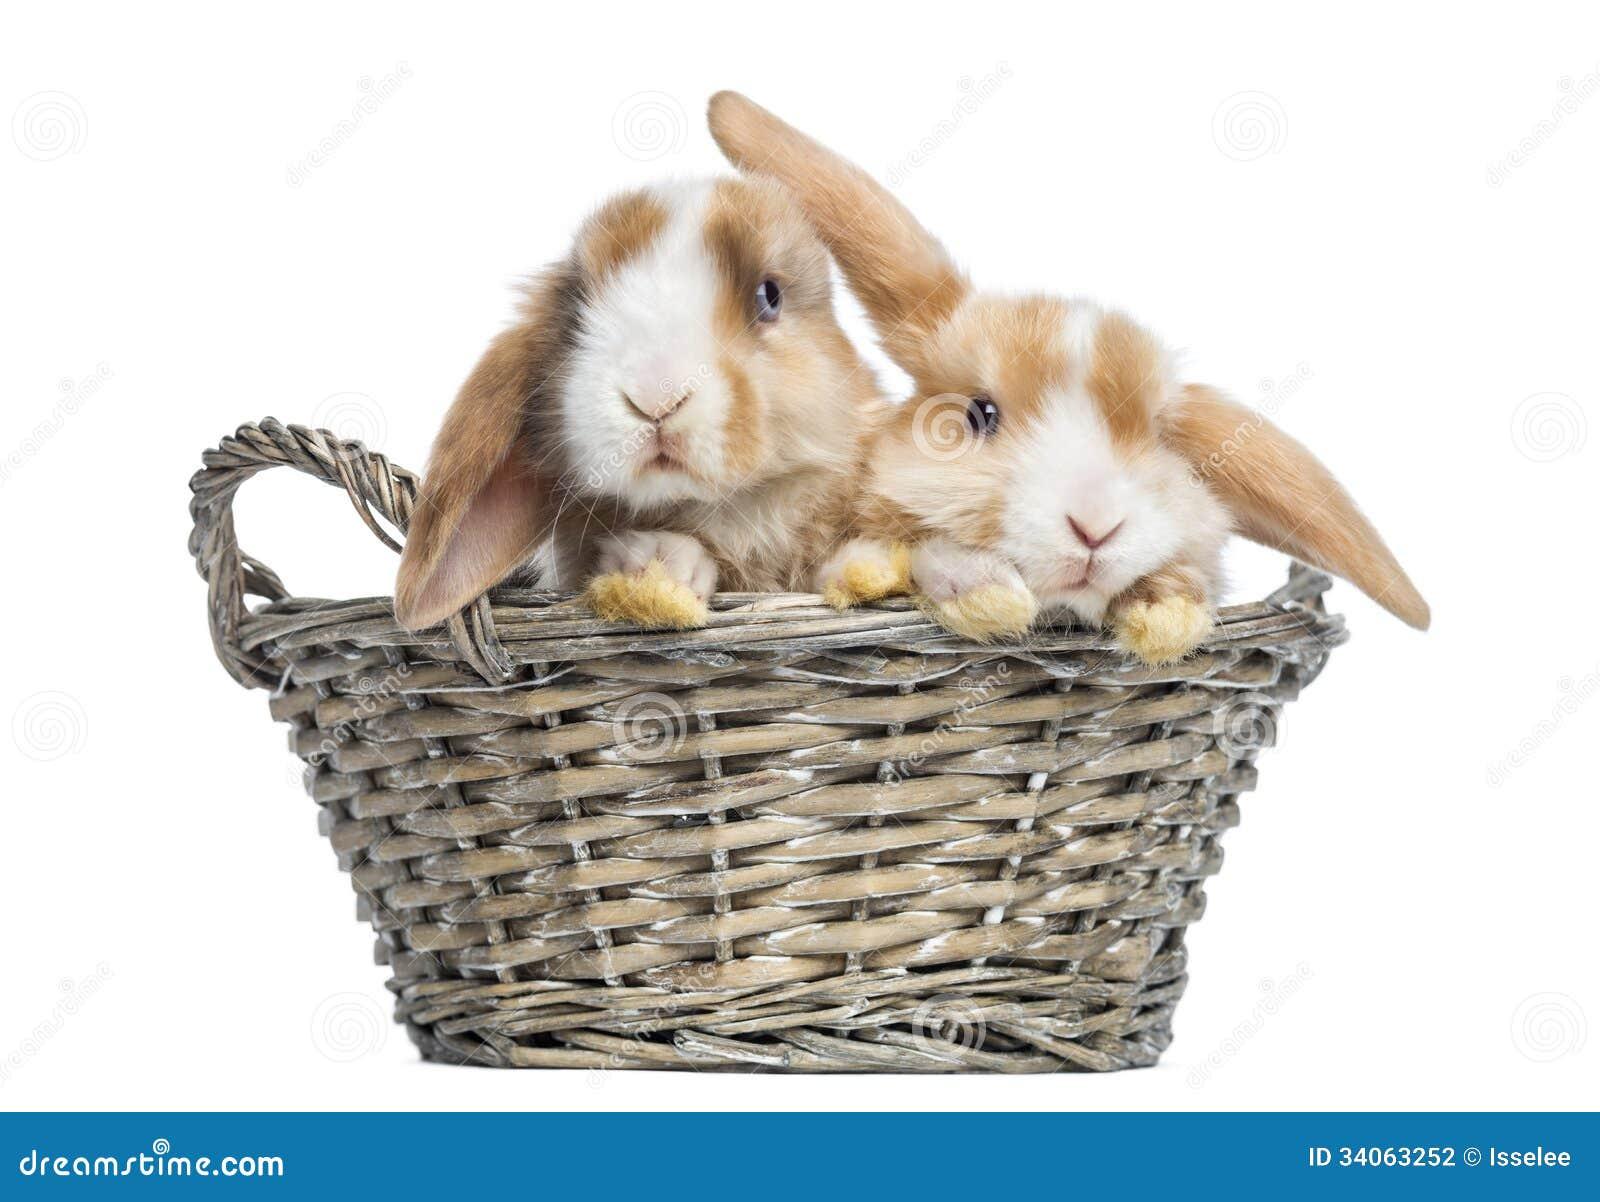 deux lapins de mini lop de satin dans un panier en osier d 39 isolement photo stock image du. Black Bedroom Furniture Sets. Home Design Ideas